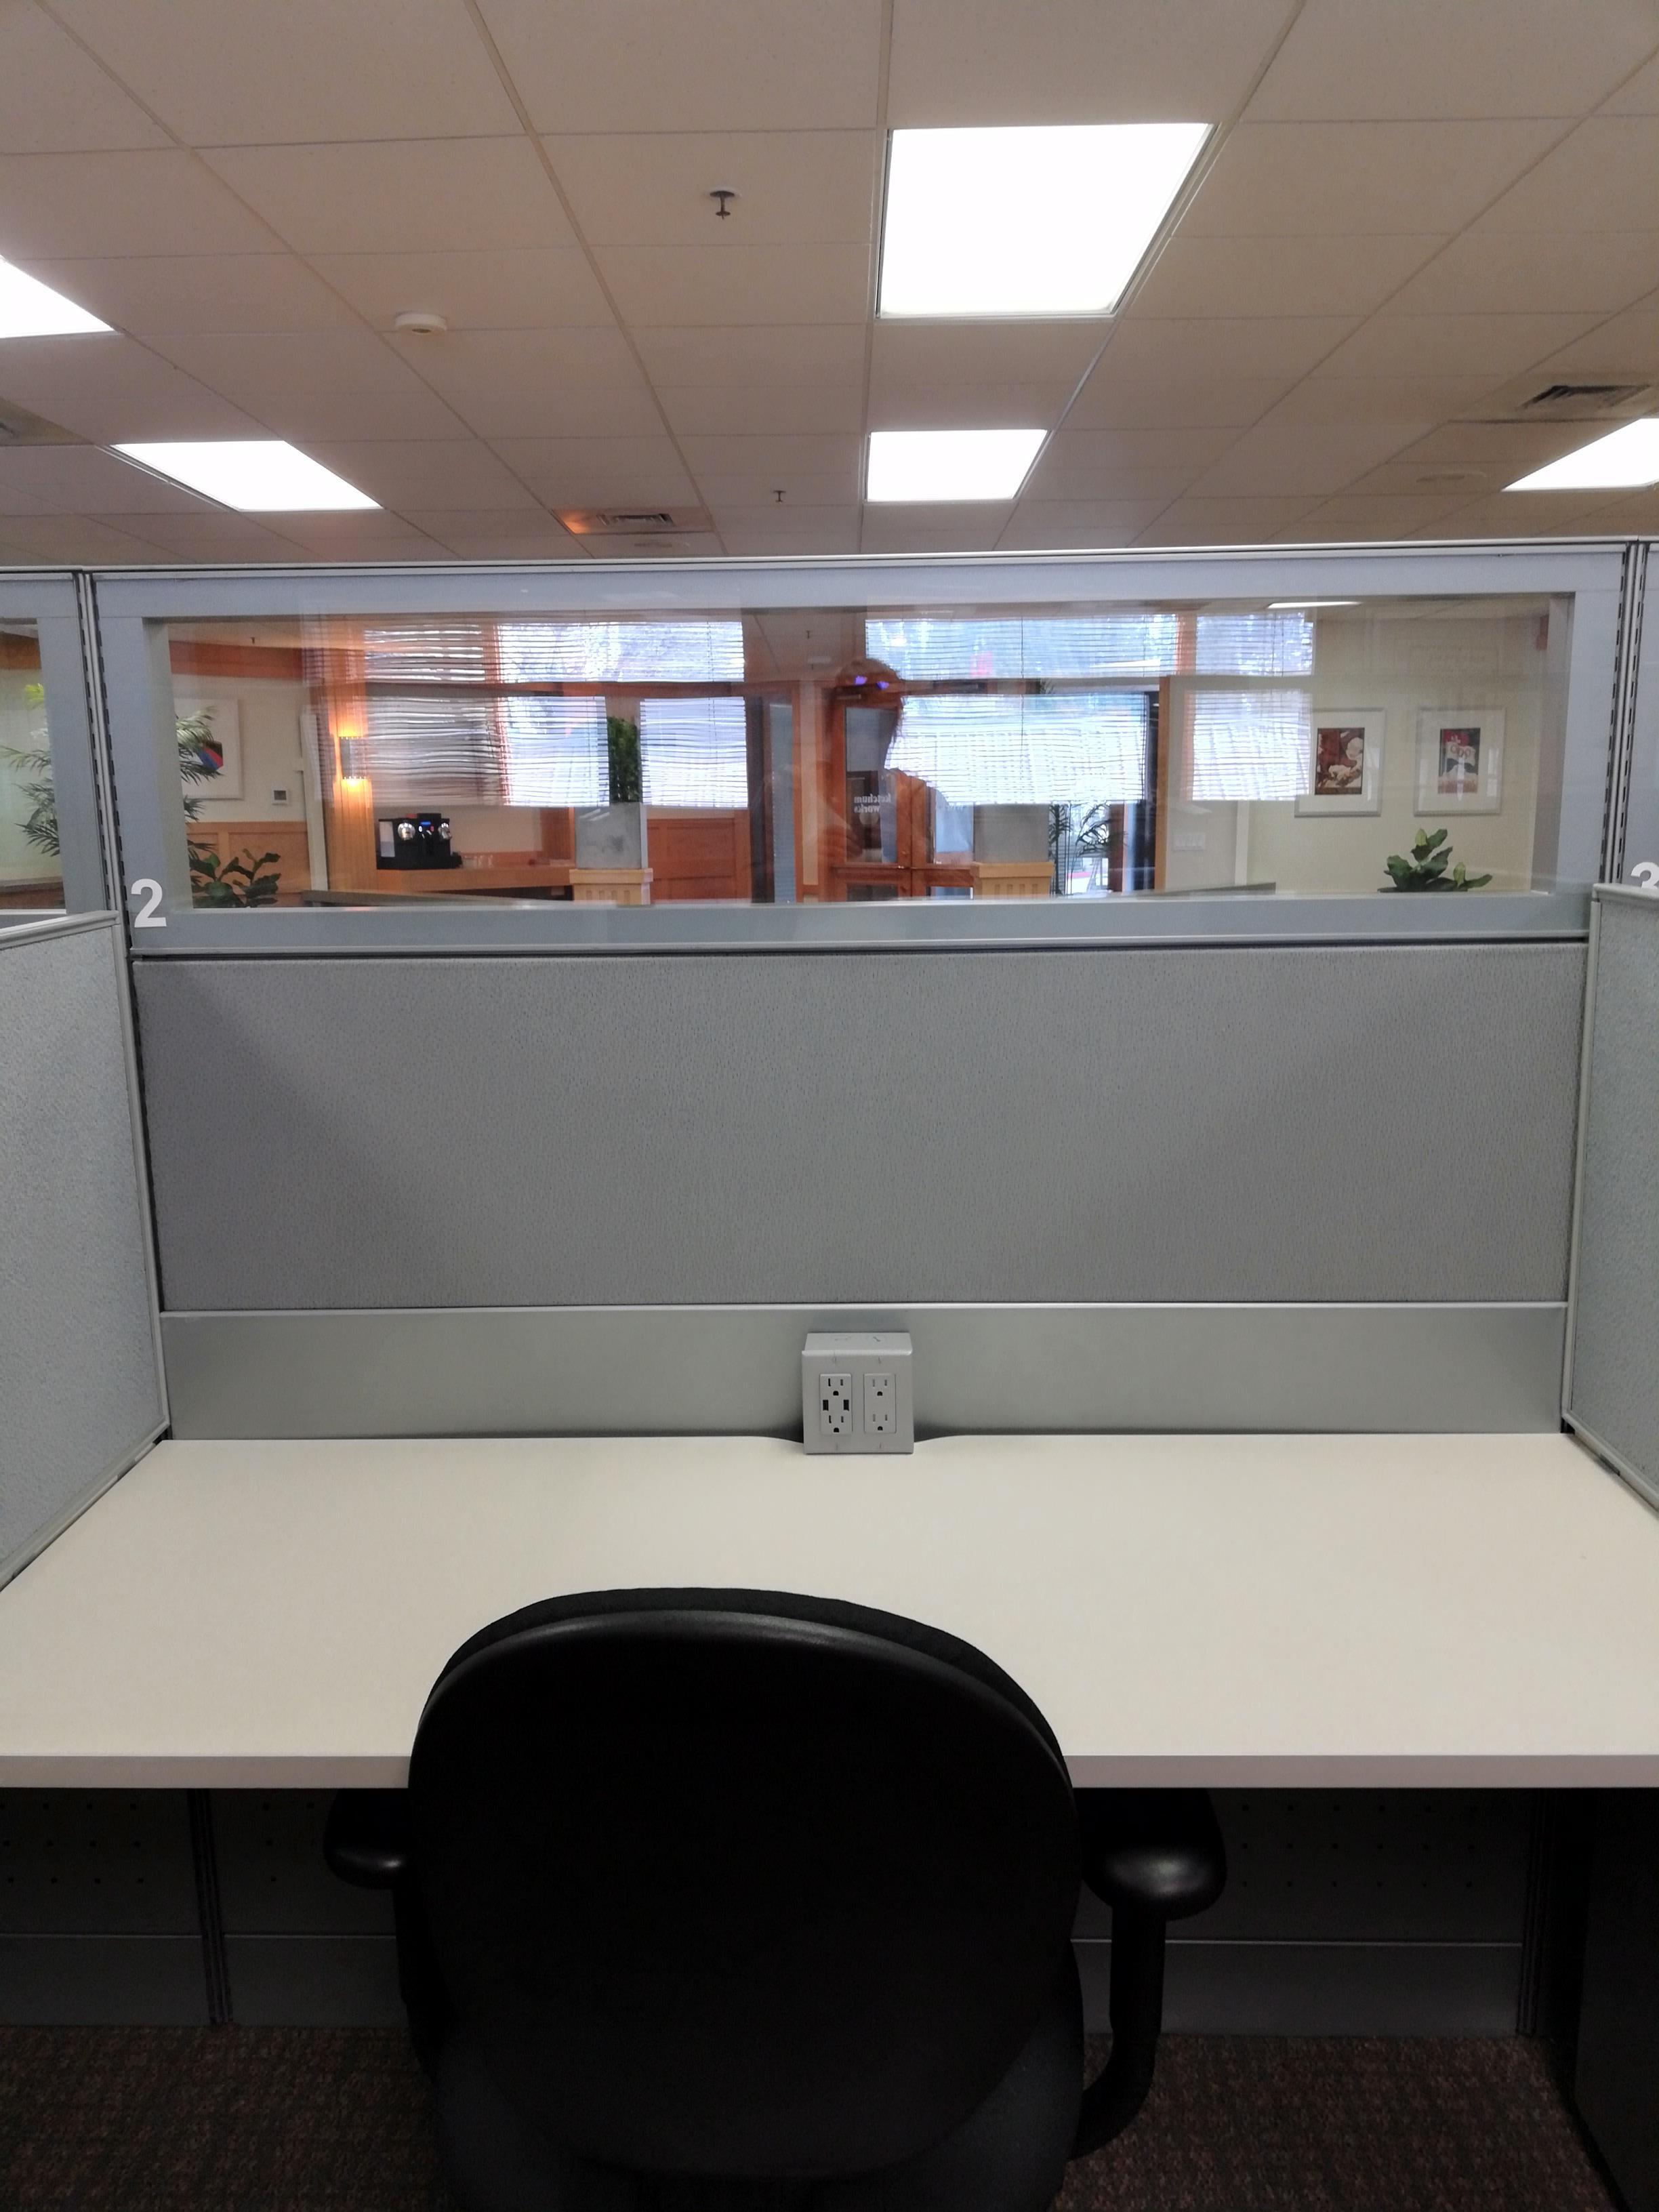 Ketchum Works - Premier Hot Desk 2